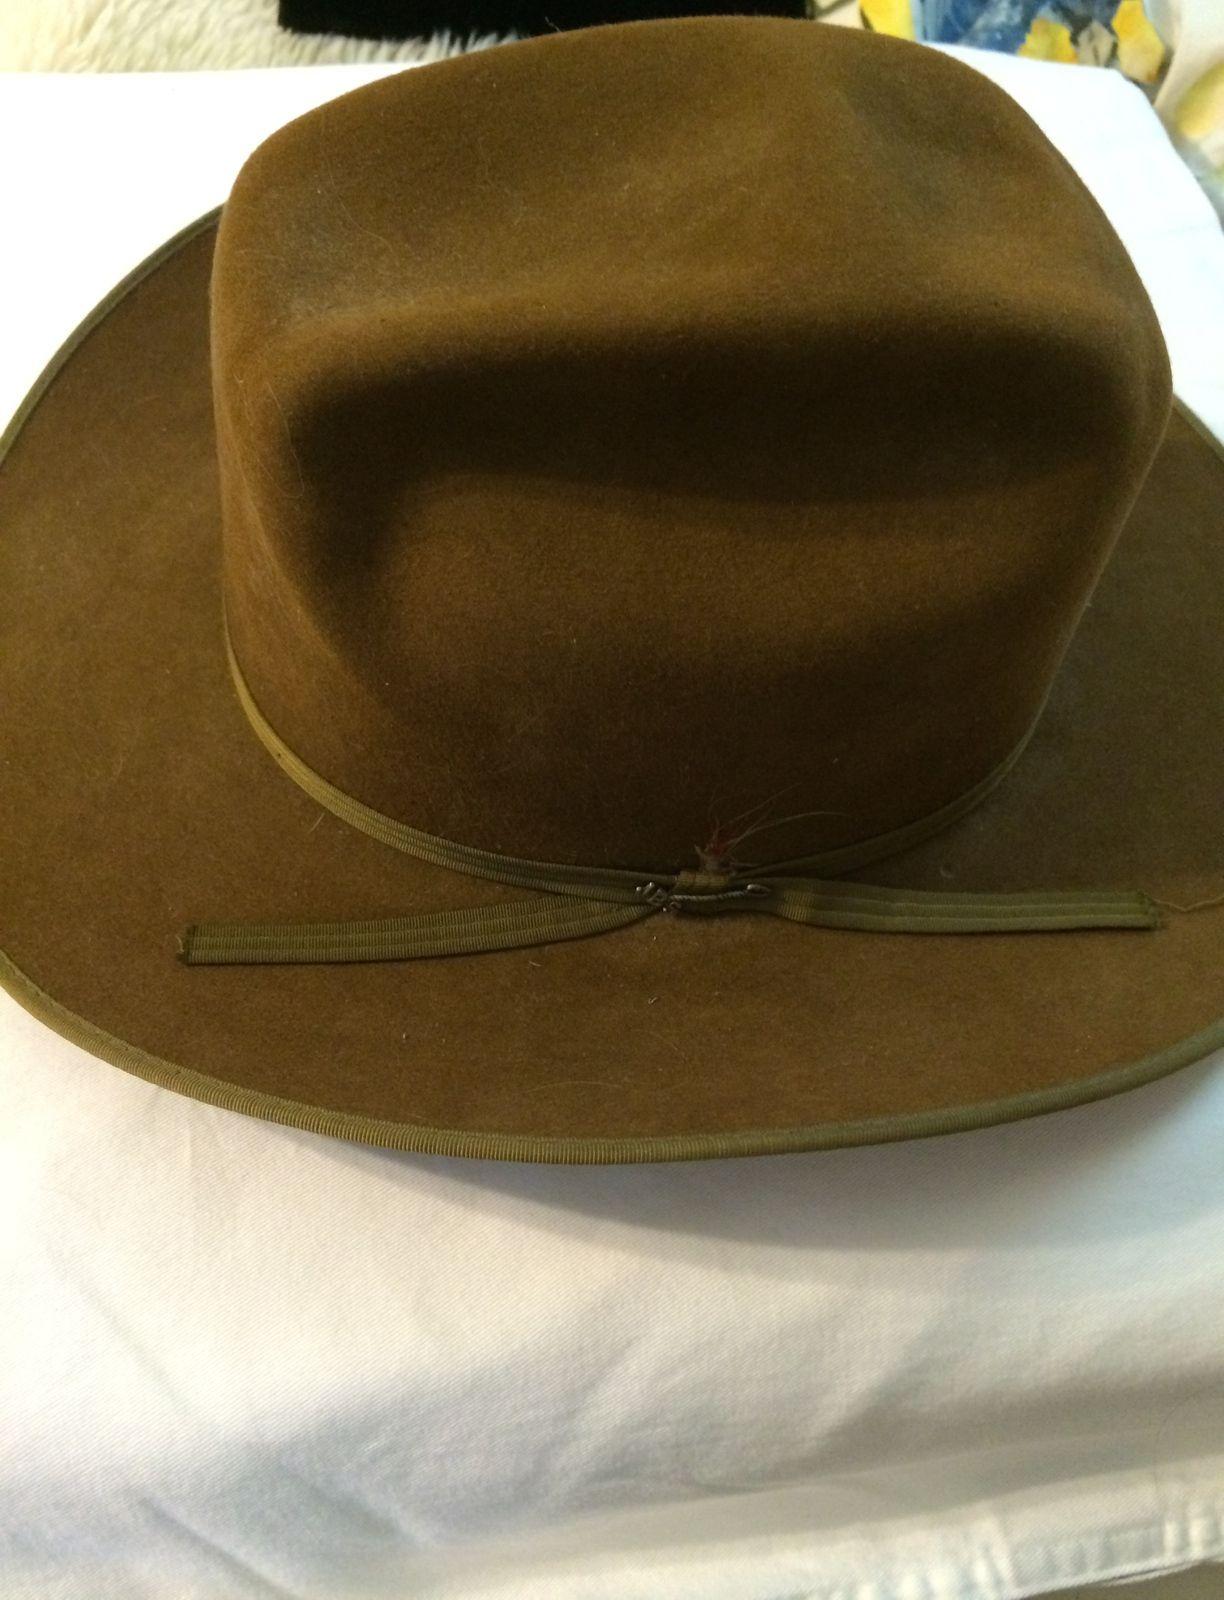 ee2e3184 Vintage Cowboy Hat - Stetson cowboy hat - Vintage - 3x beaver felt 7 1/8  size - Hats #evintage